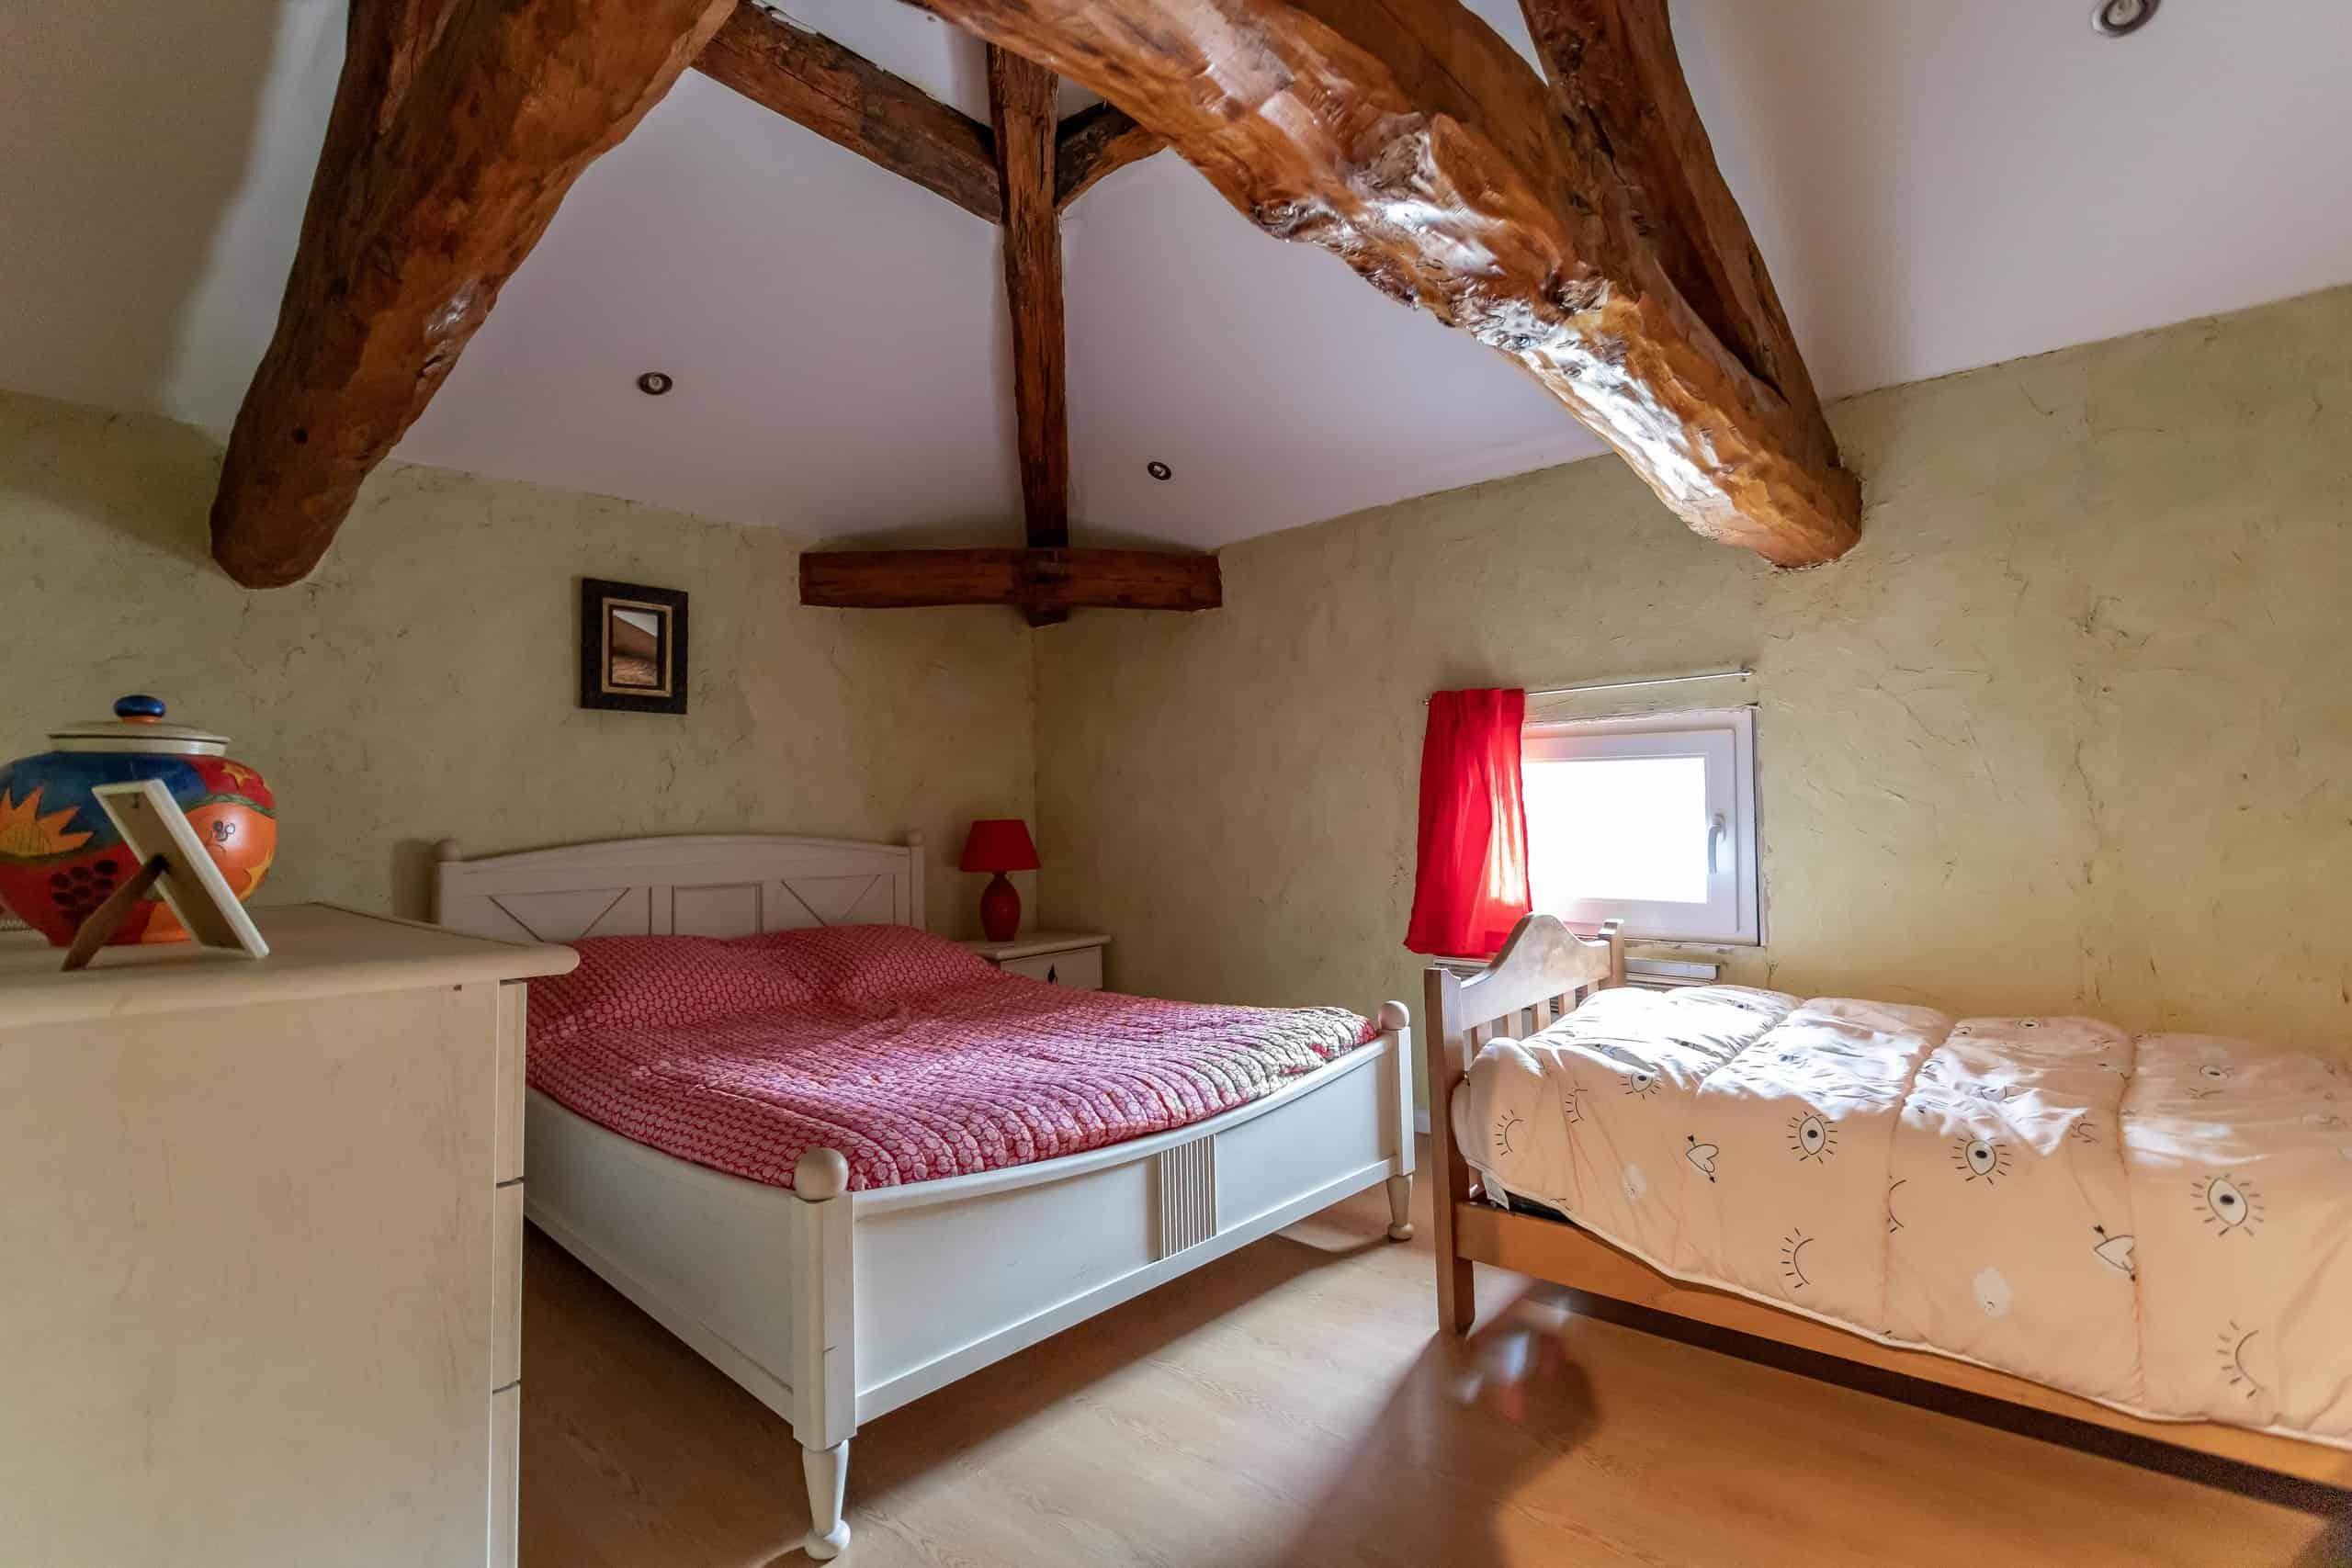 Bedroom-WMC106